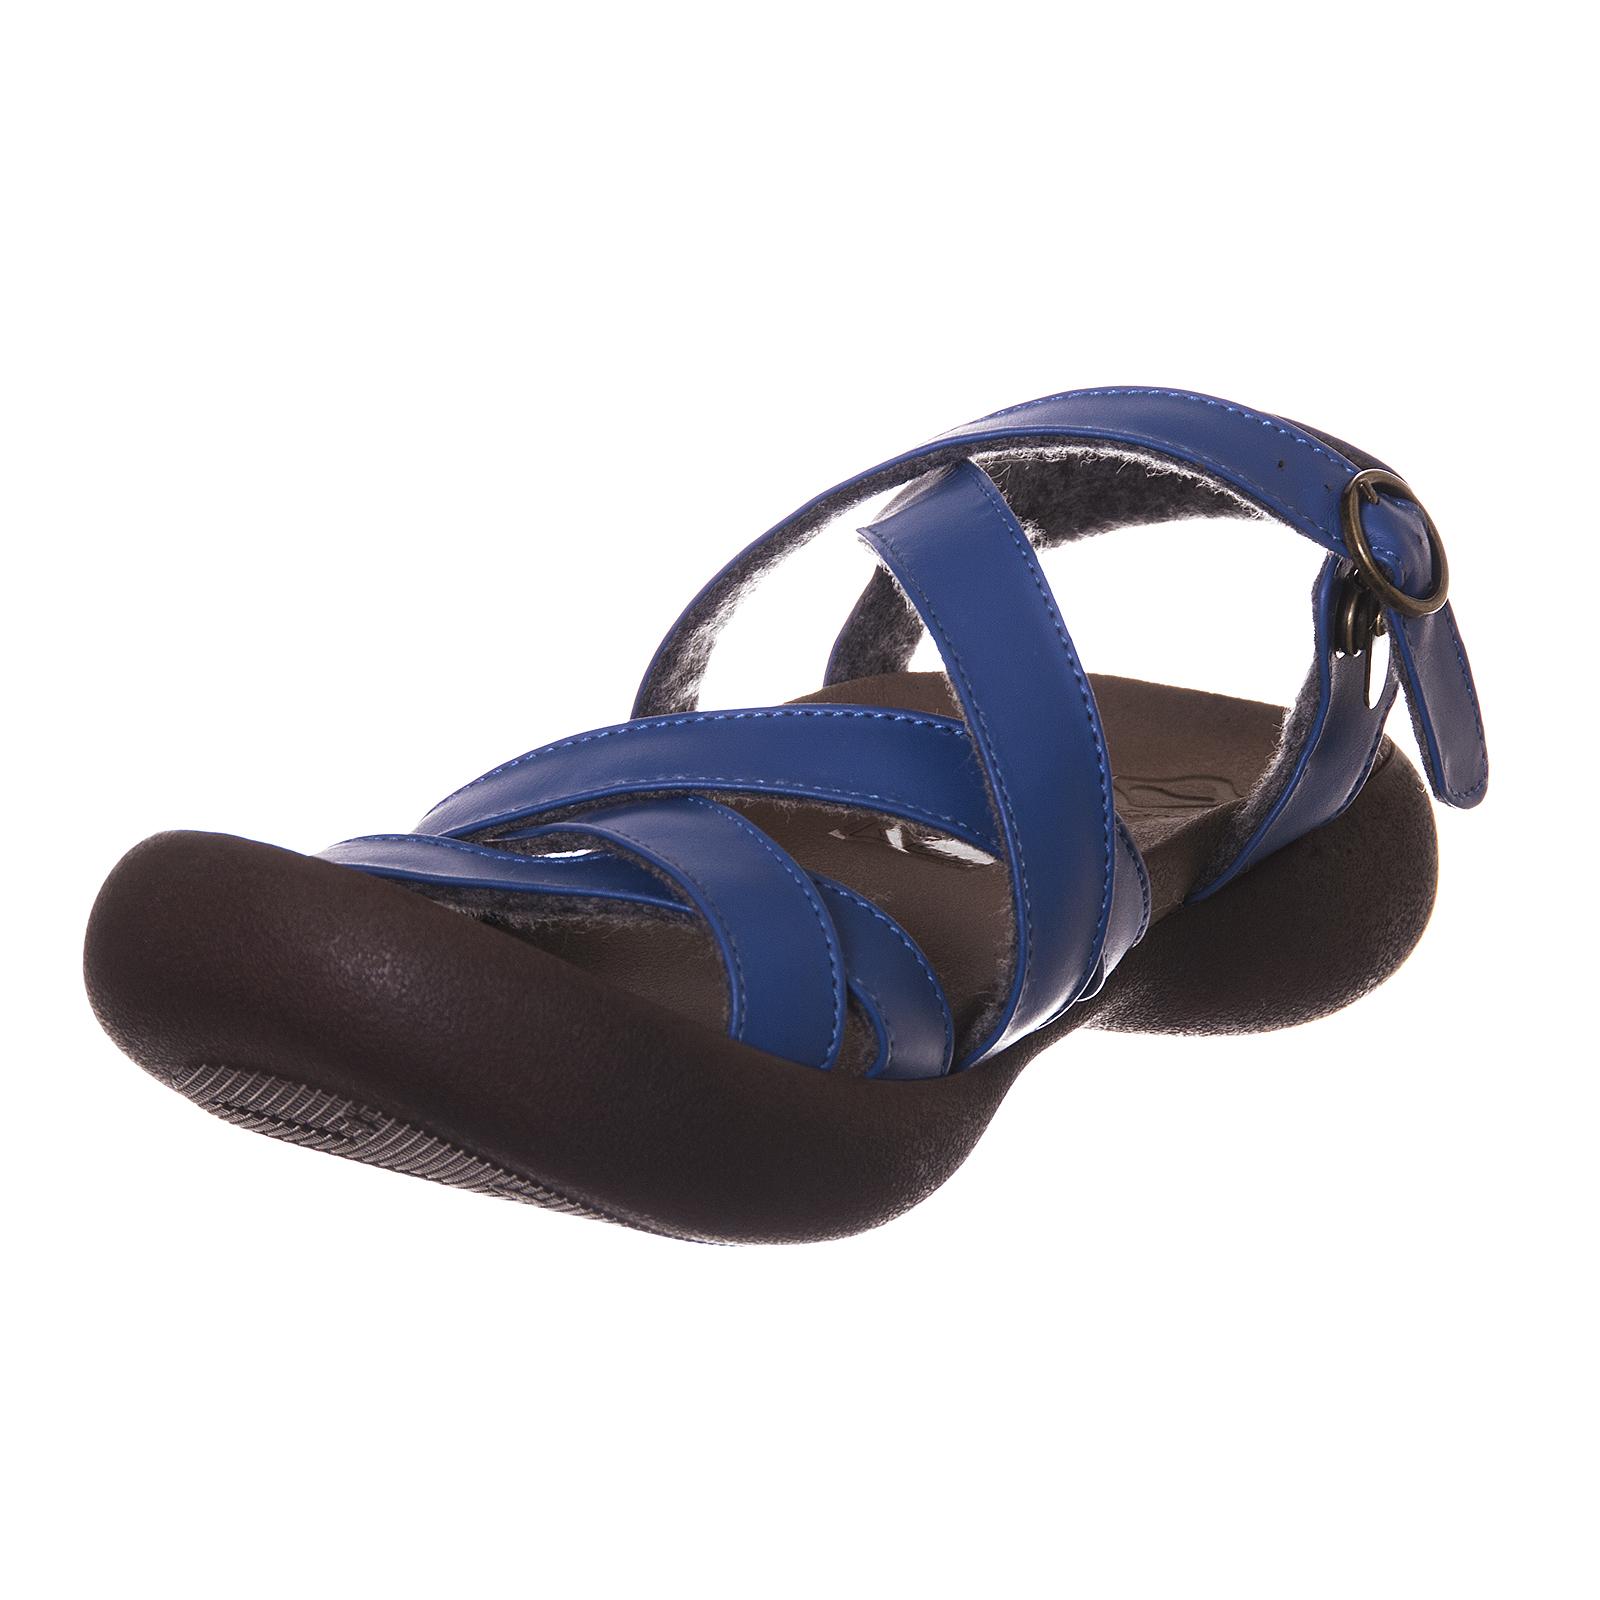 Strap Canoes women's sandals W Field Arum bluee bluee bluee